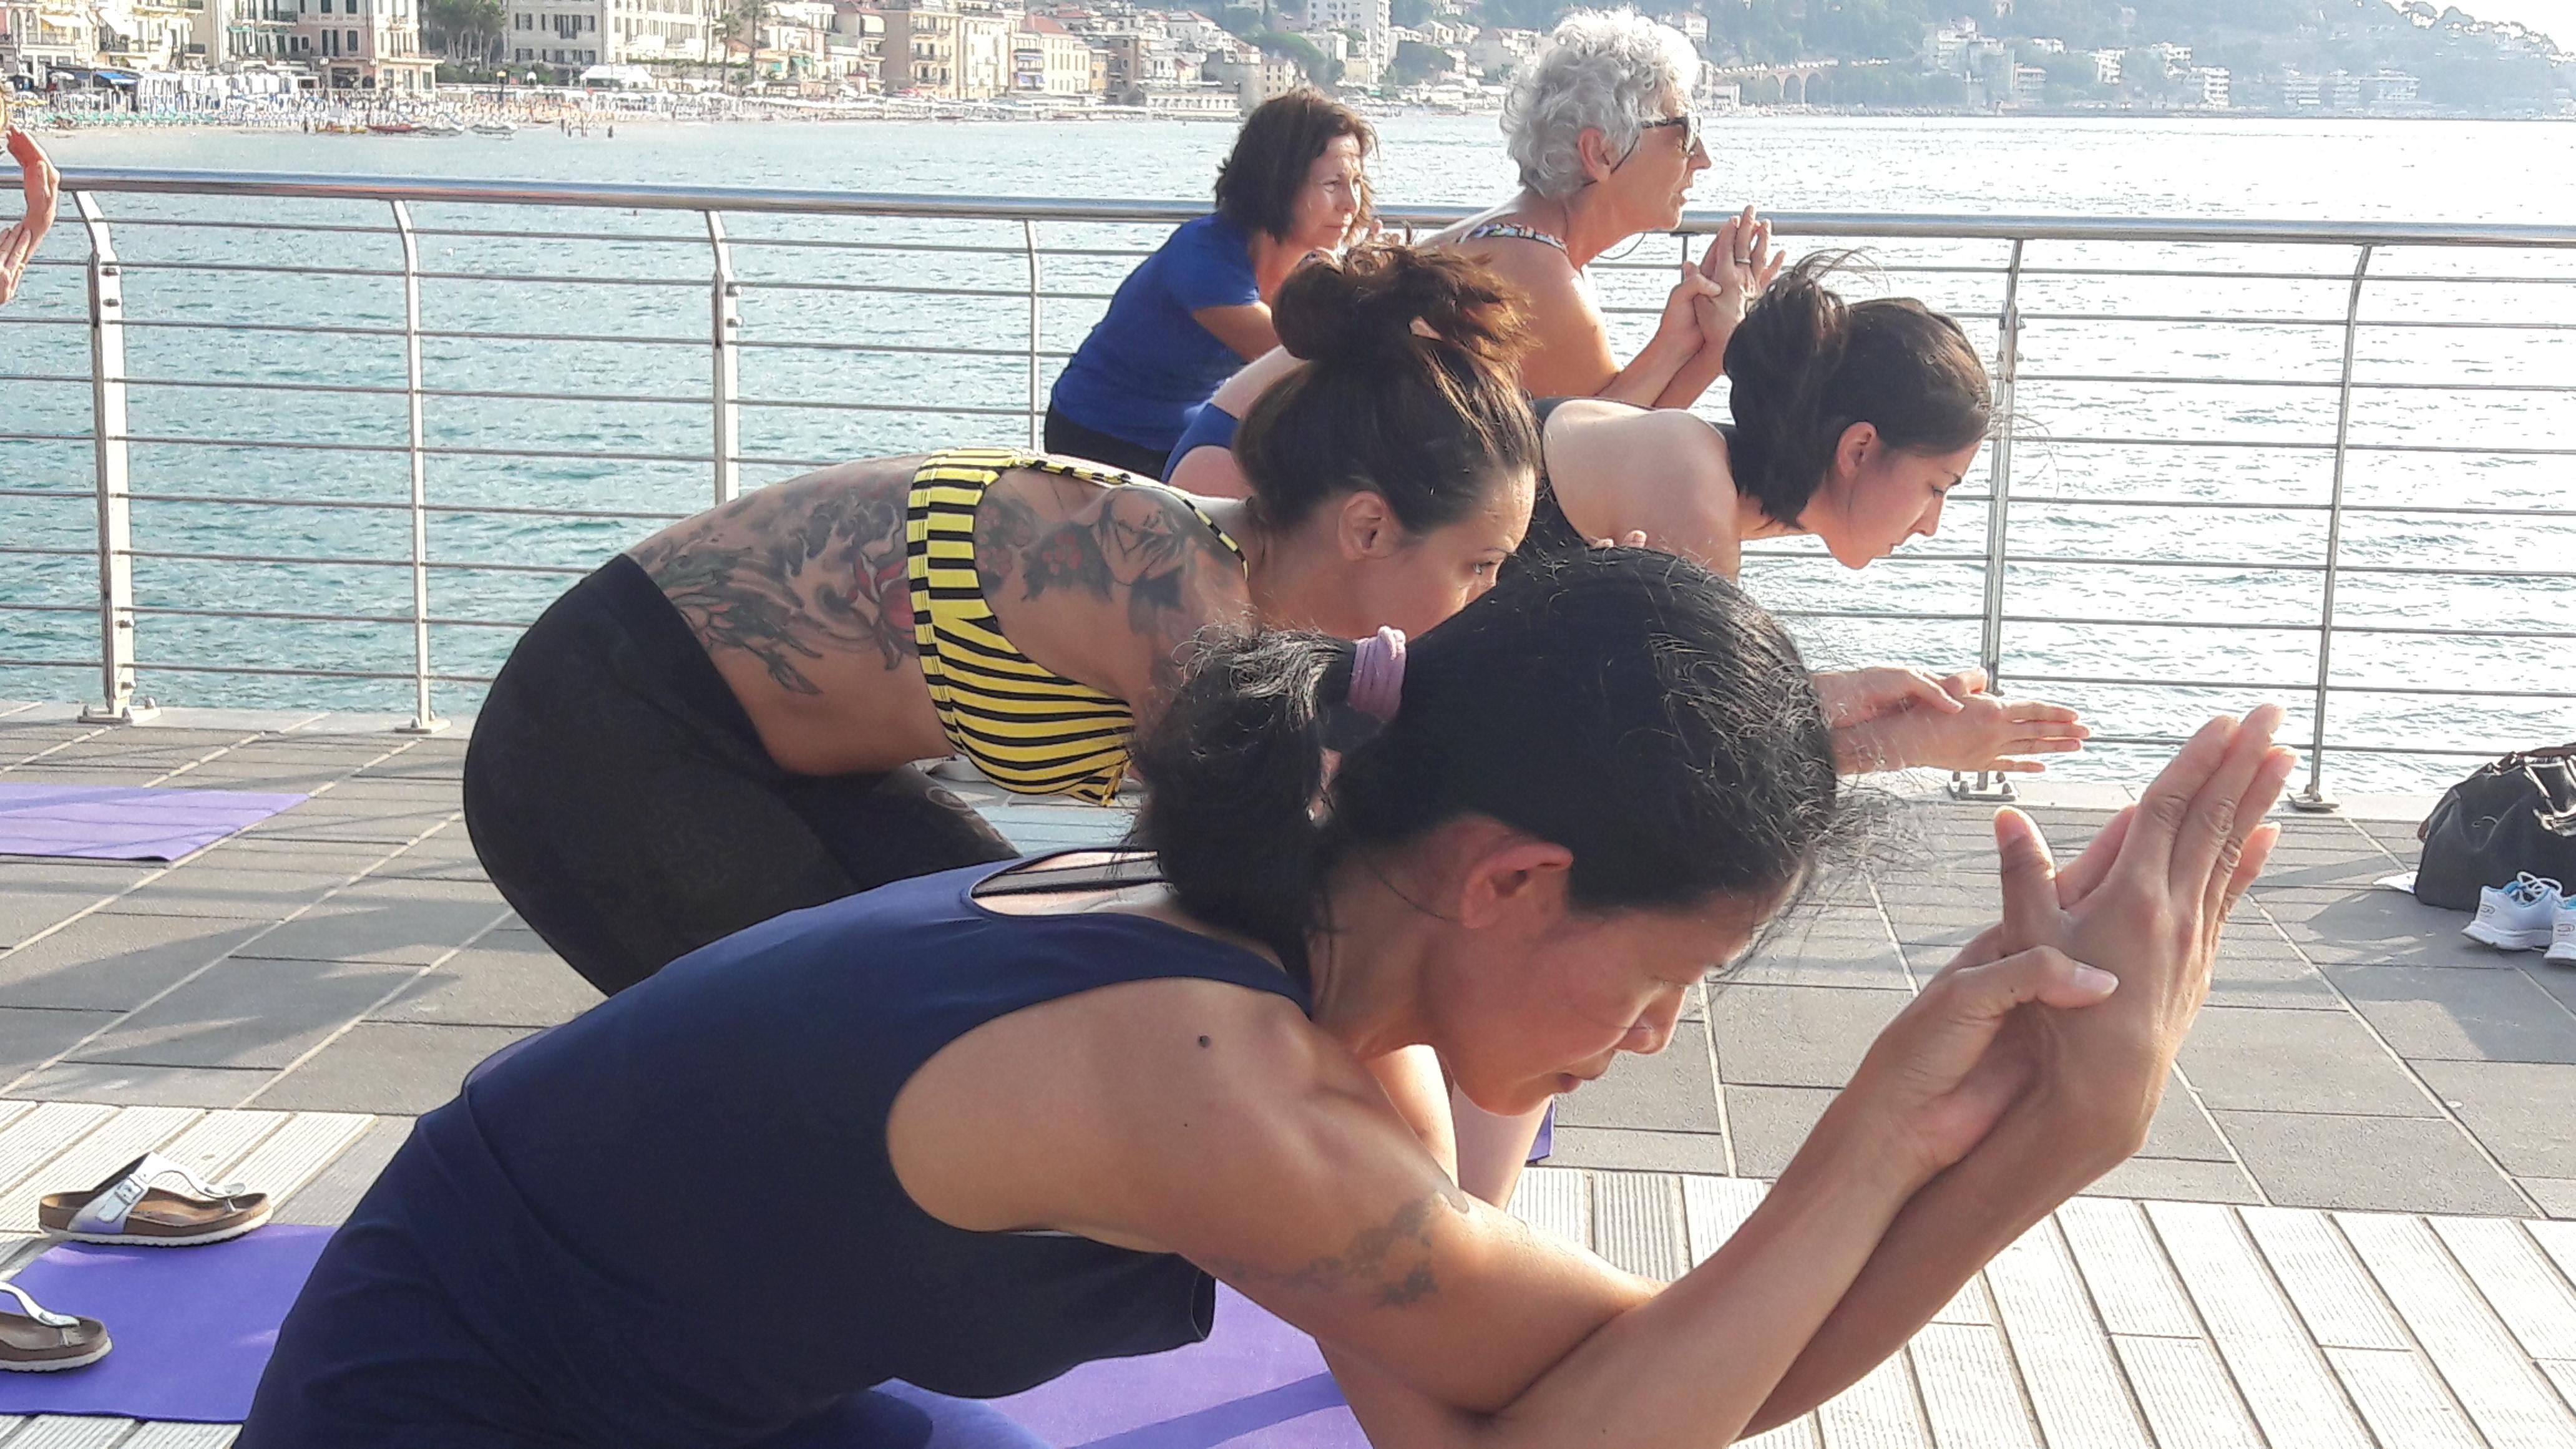 essere-free-yoga-gratuito-benessere-per-tutti-village-citta-alassio-estate-lucia-ragazzi-summer-town-wellness-023